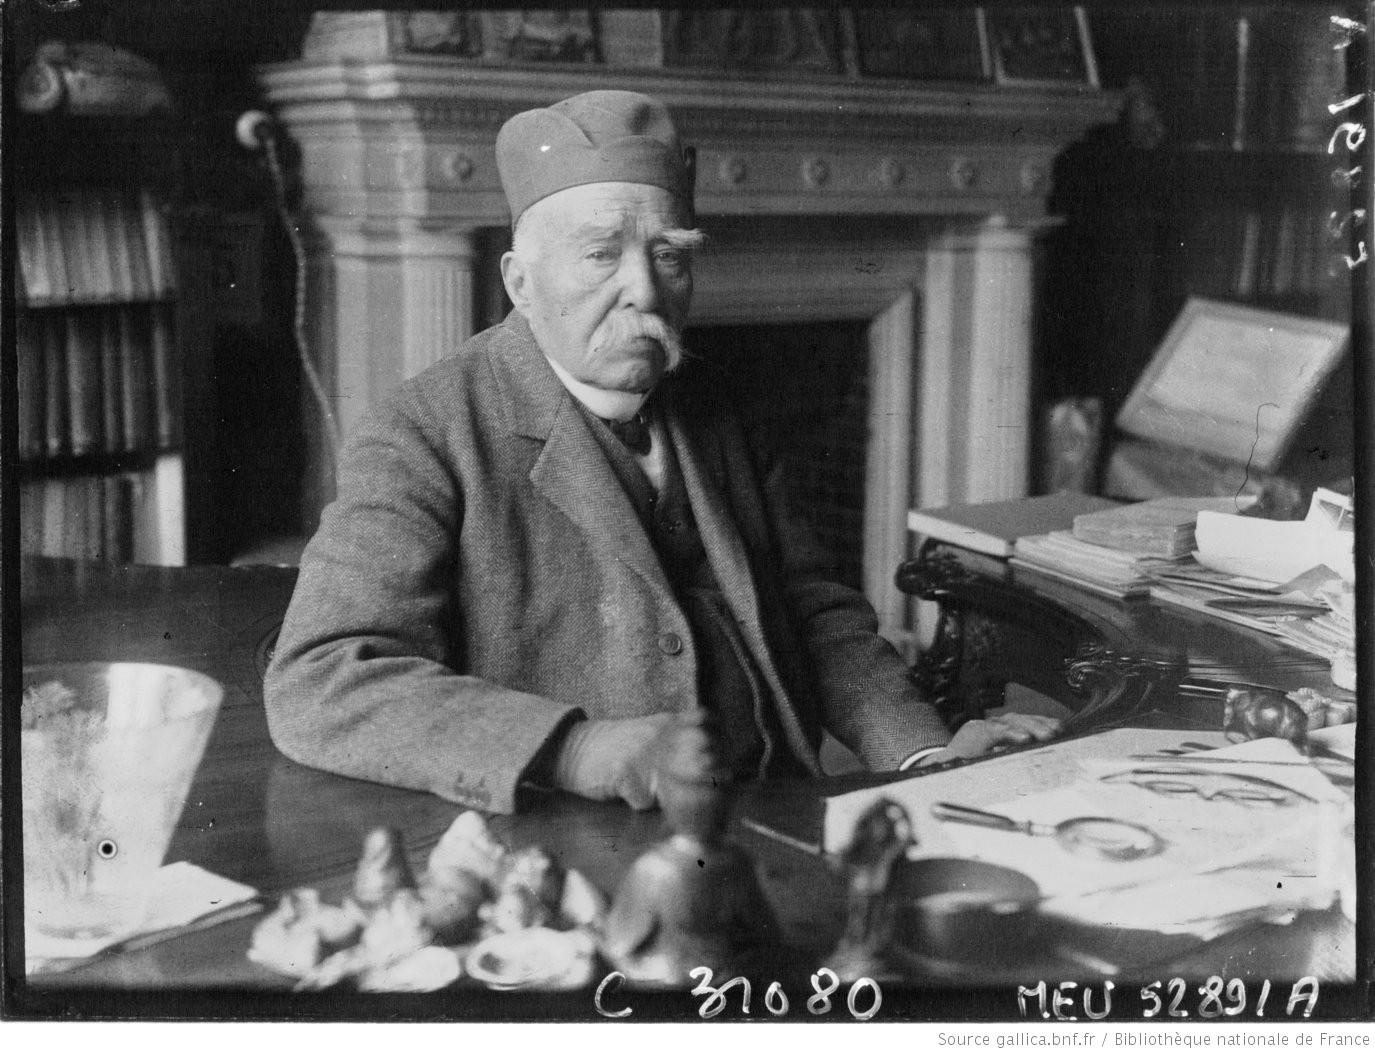 Georges Clemenceau chez lui (portrait) : [photographie de presse] / Agence Meurisse Paris, 1928. Dép. des Estampes et de la photographie, EI-13 (2823)